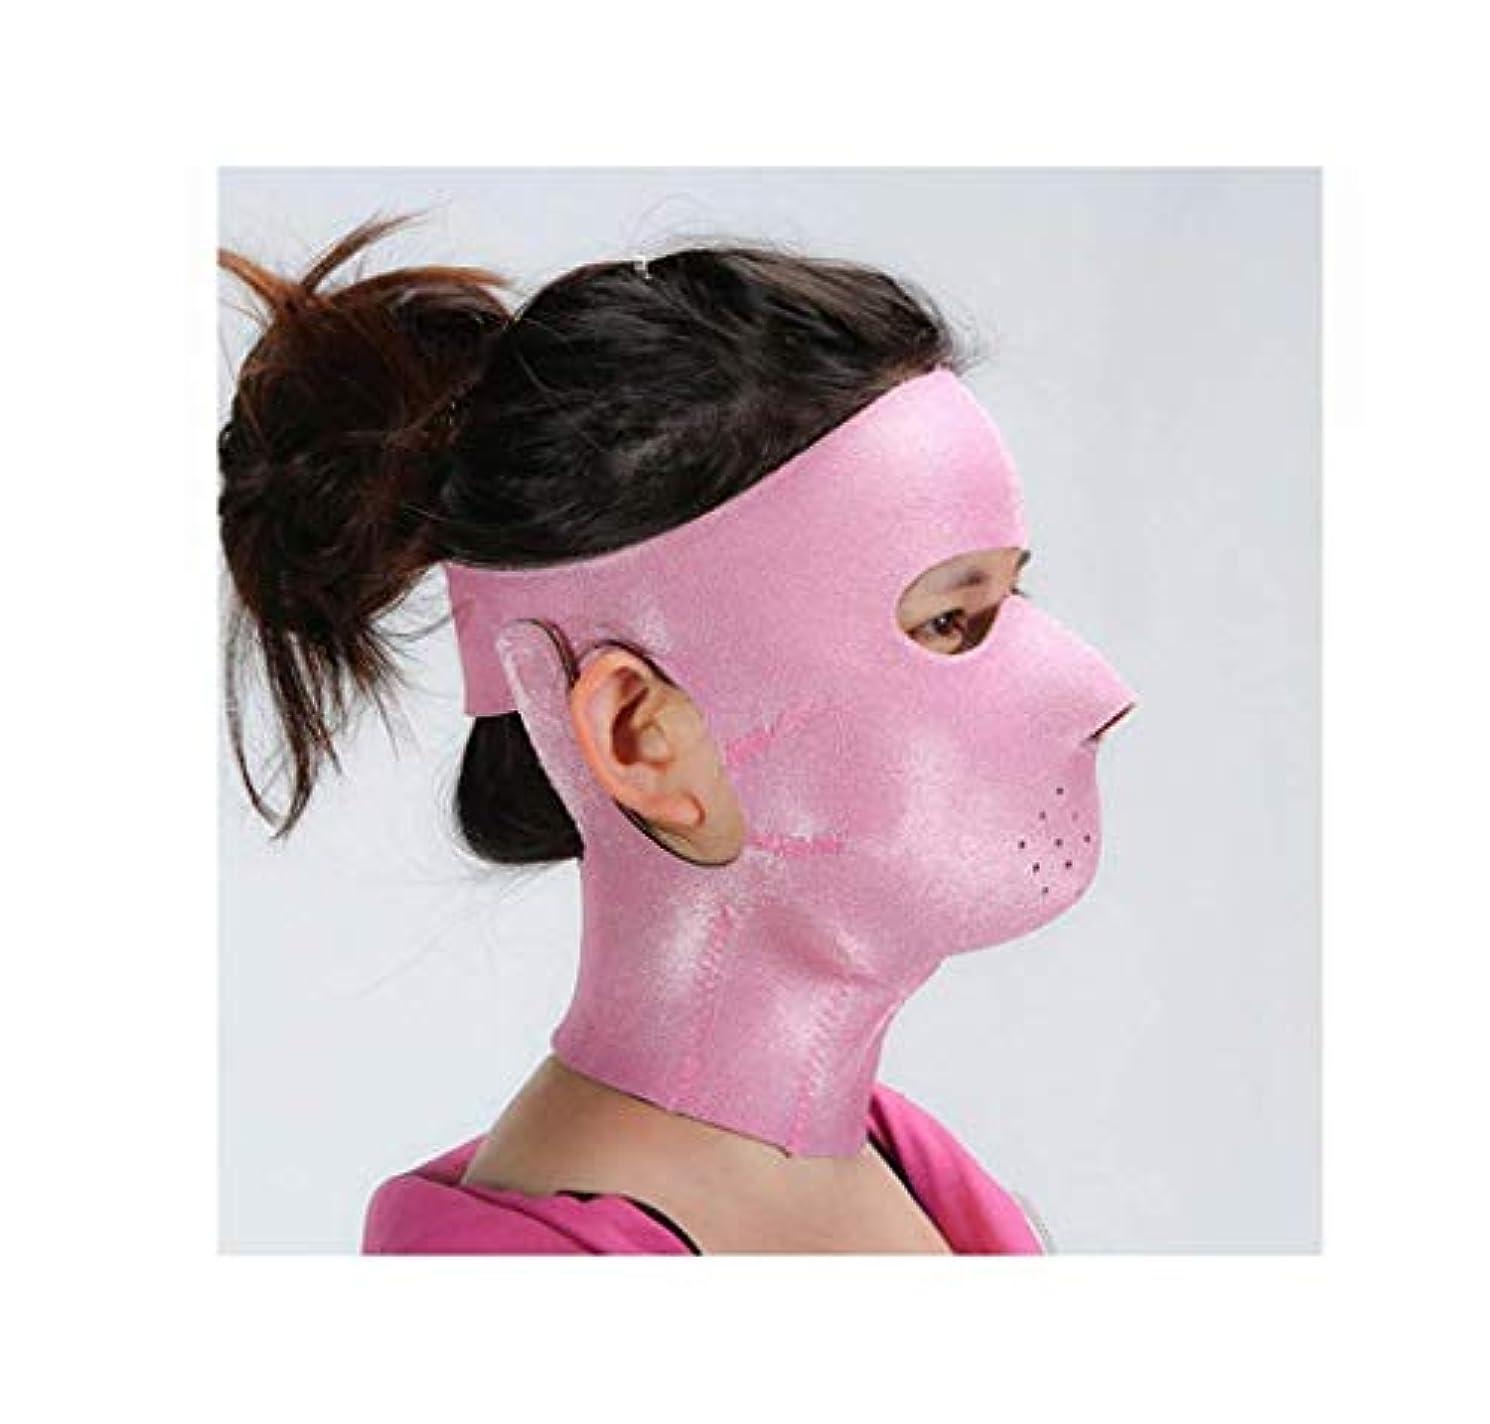 時間とともに驚いたことに太いフェイスリフトマスク、フェイシャルマスクプラス薄いフェイスマスクタイトなたるみの薄いフェイスマスクフェイシャル薄いフェイスマスクアーティファクトビューティーネックストラップ付き